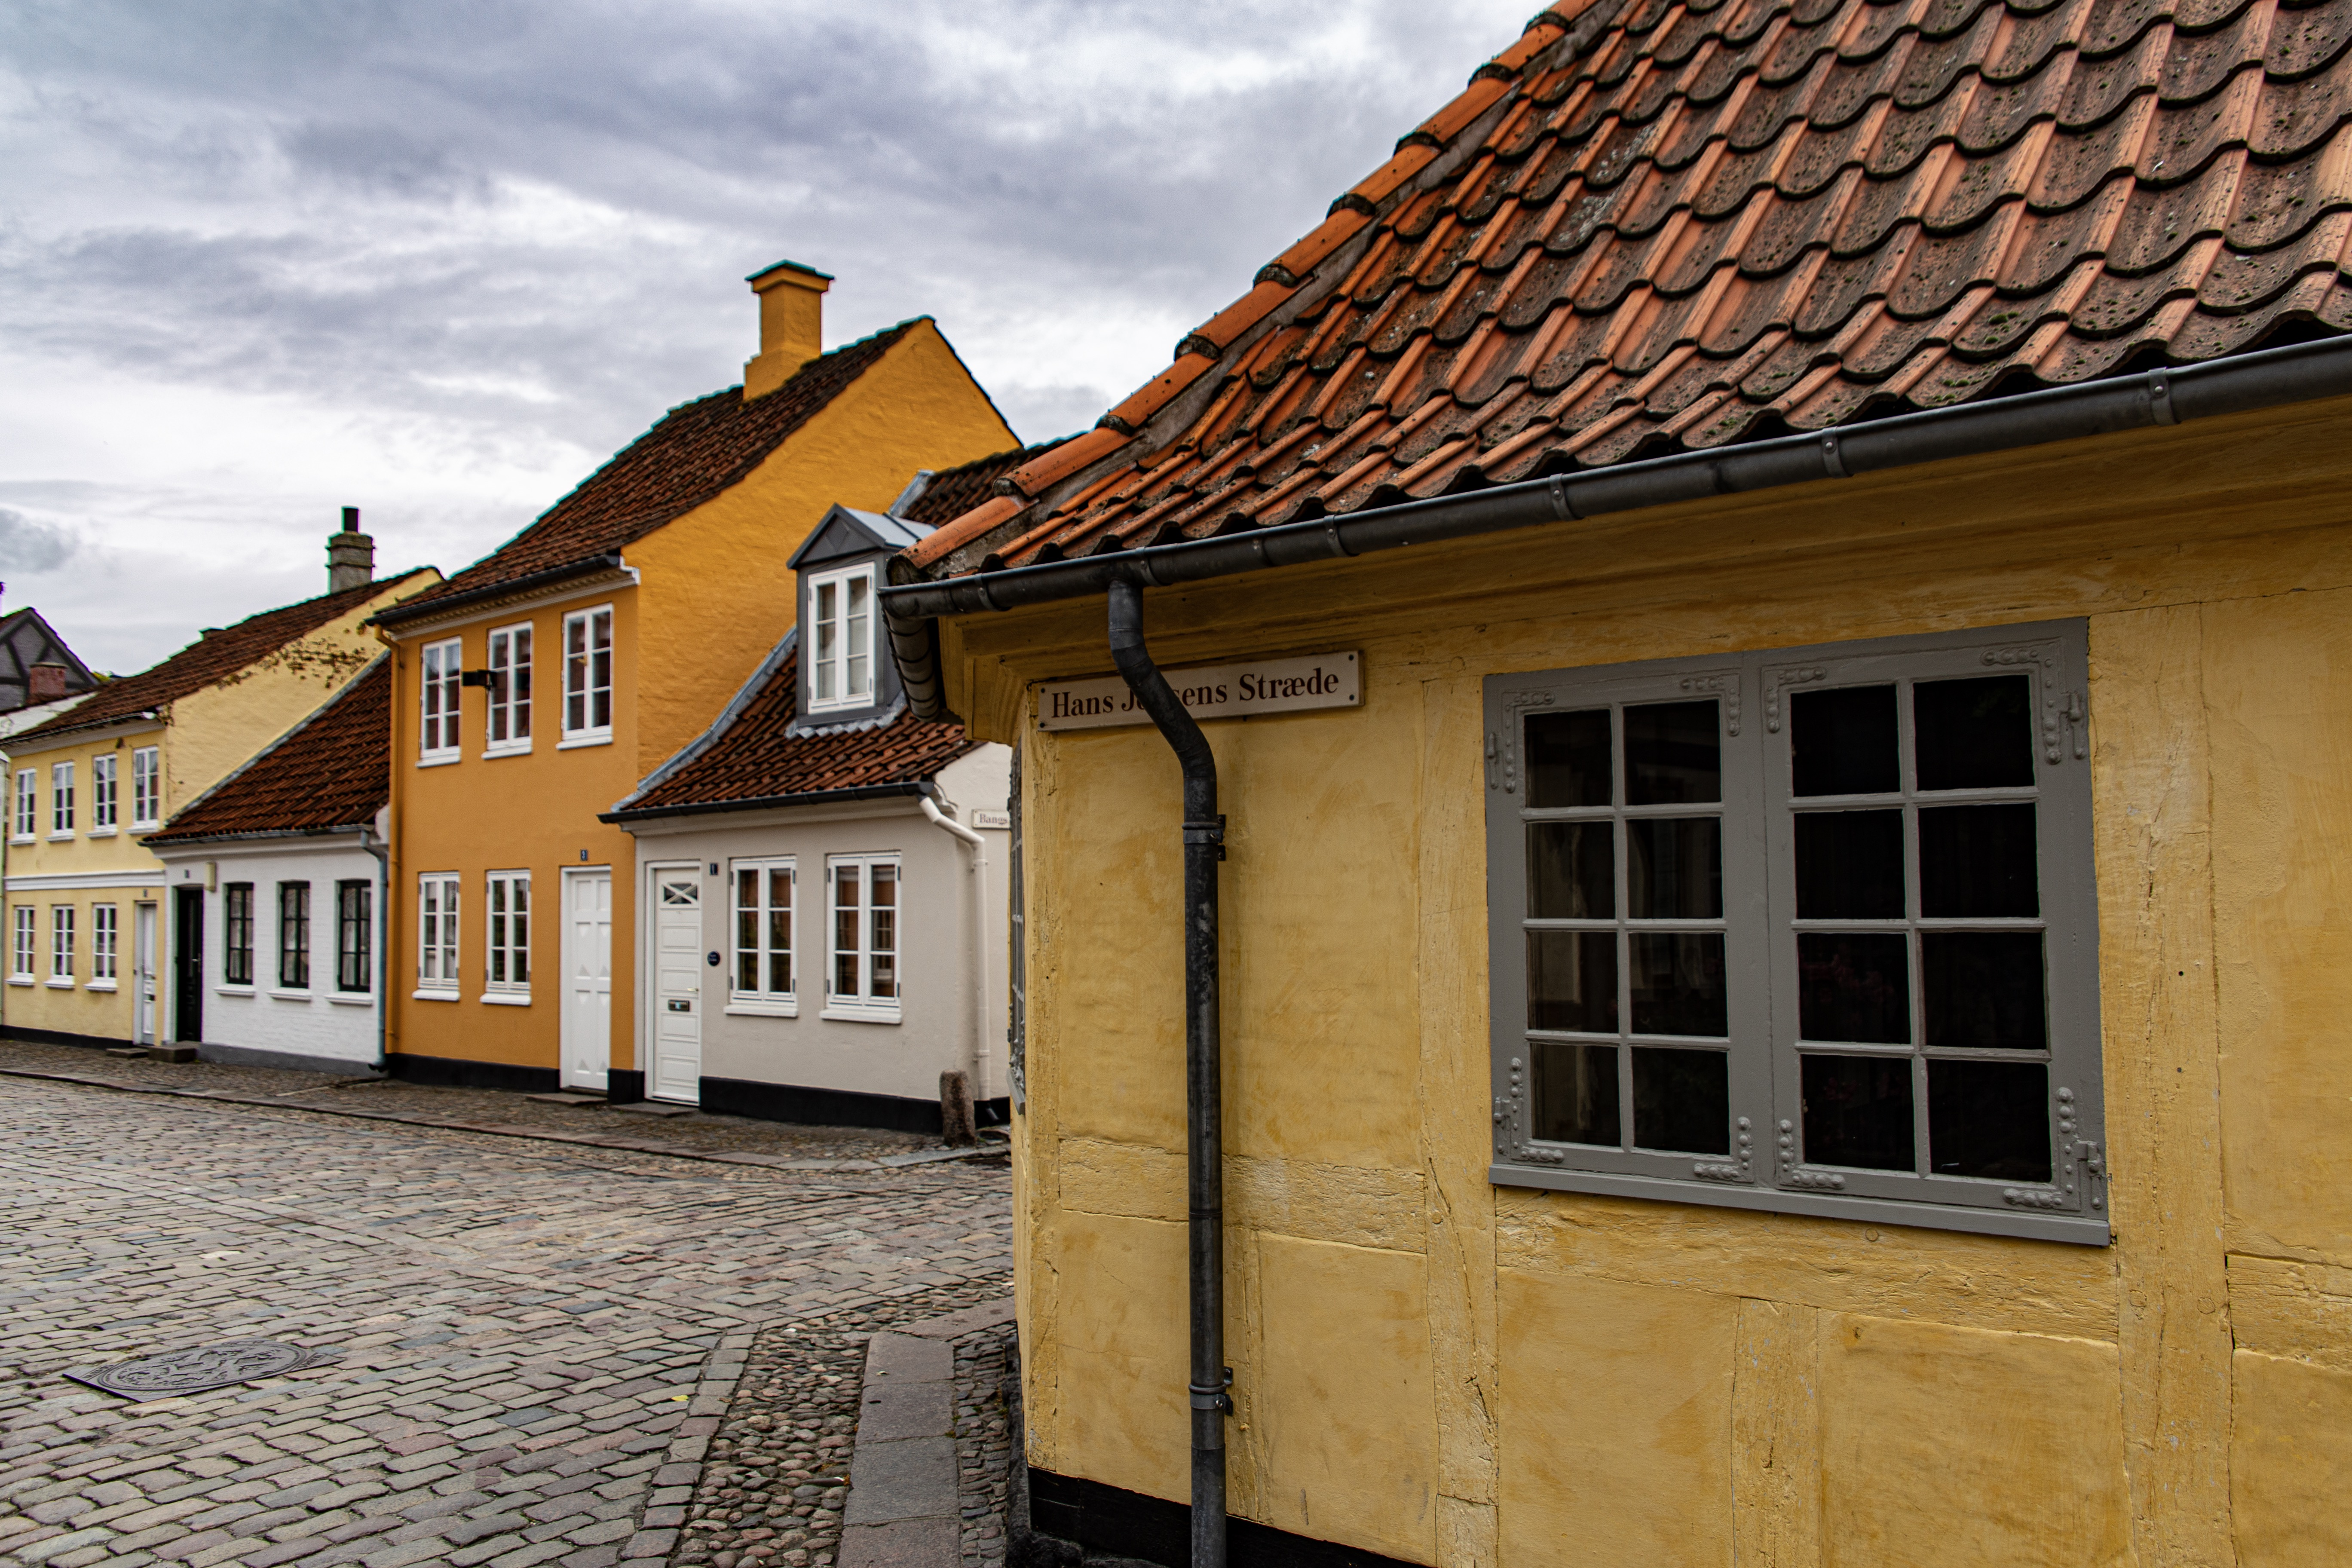 H .C. Andersen's house